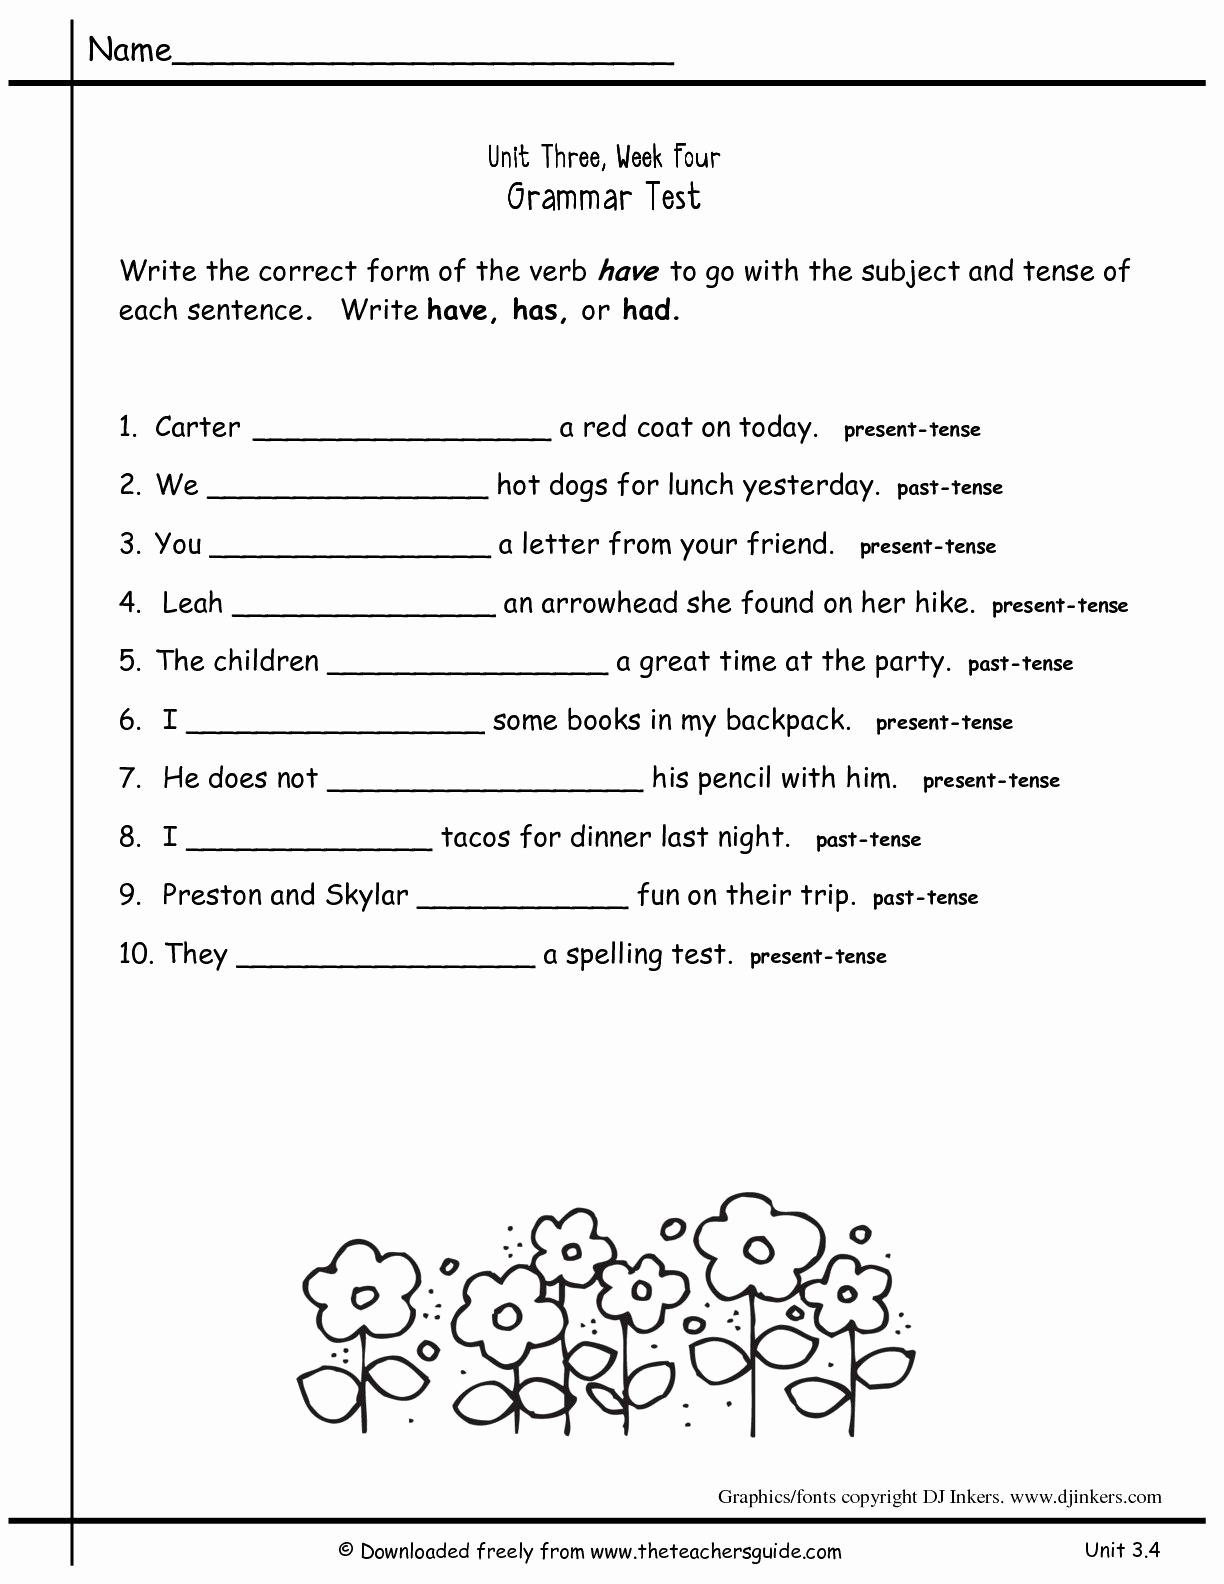 2nd Grade Grammar Worksheets Pdf Best Of 2nd Grade Grammar Worksheets Pdf New Worksheets for All